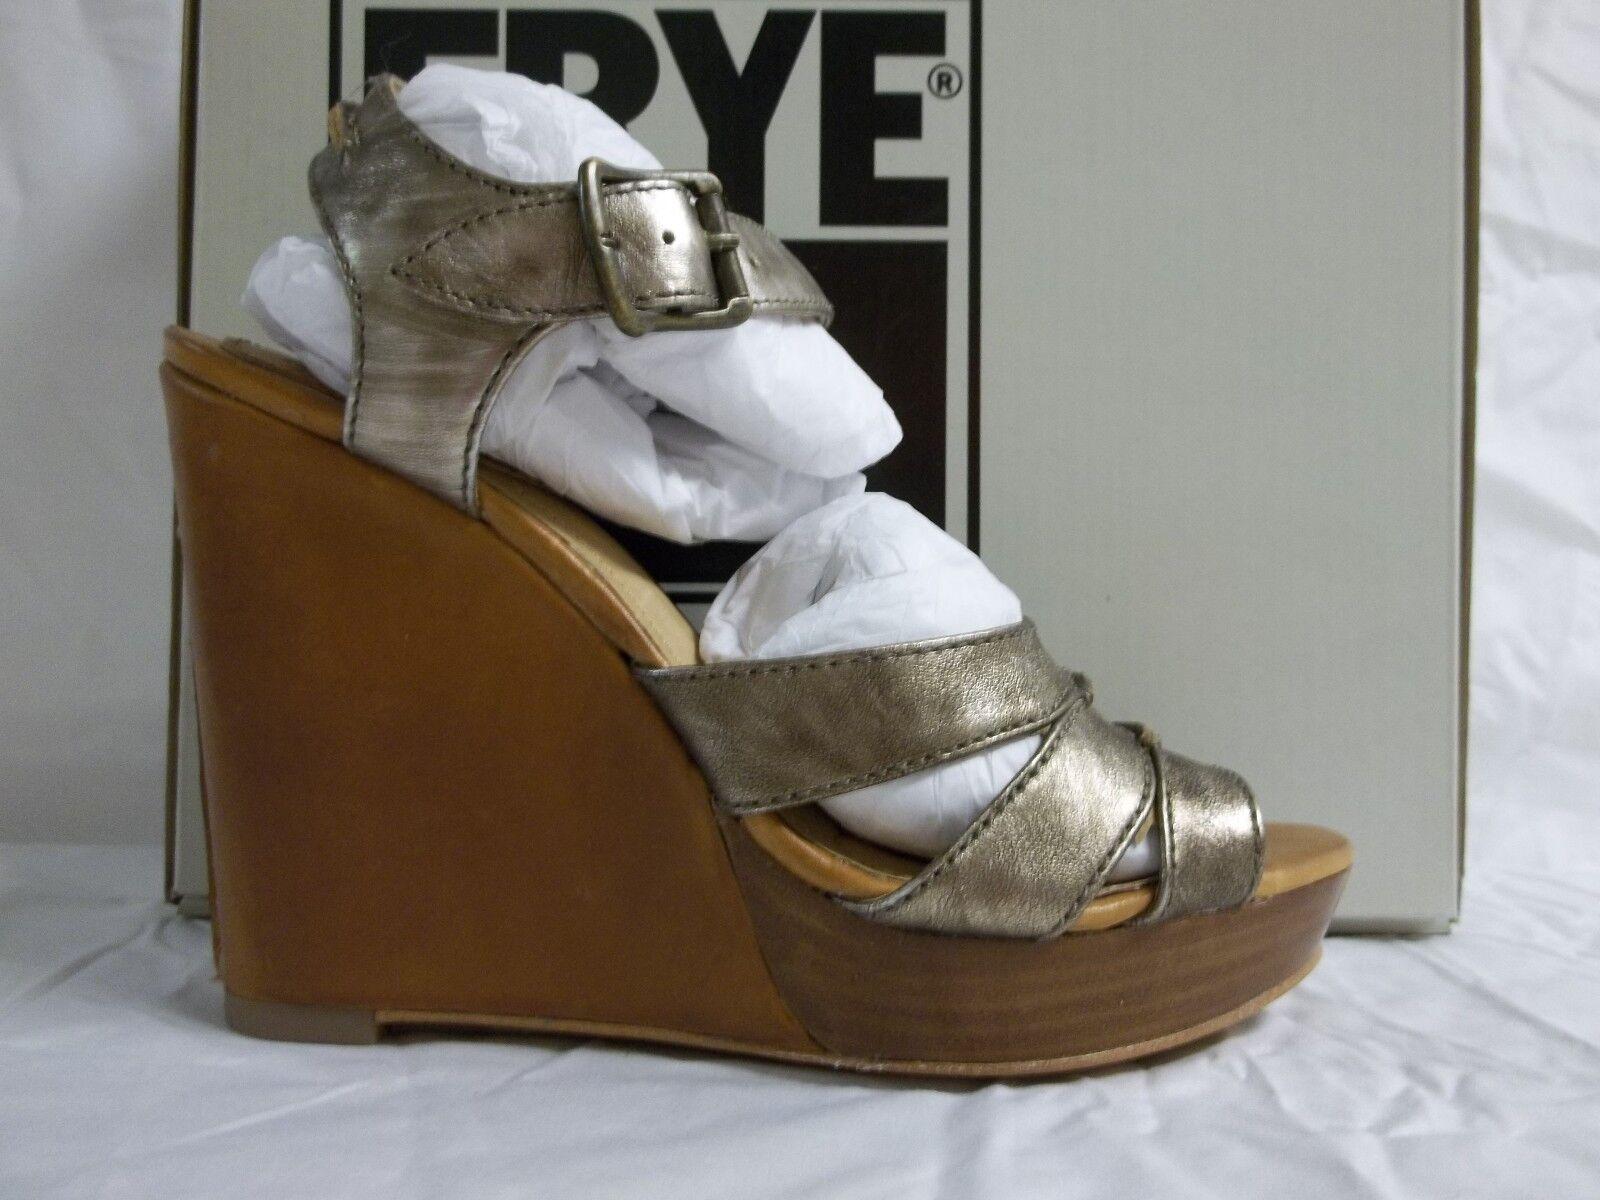 Frye Größe Heels 7 M Alexa Bronze Leder Open Toe Heels Größe New Damenschuhe Schuhes 84a85c